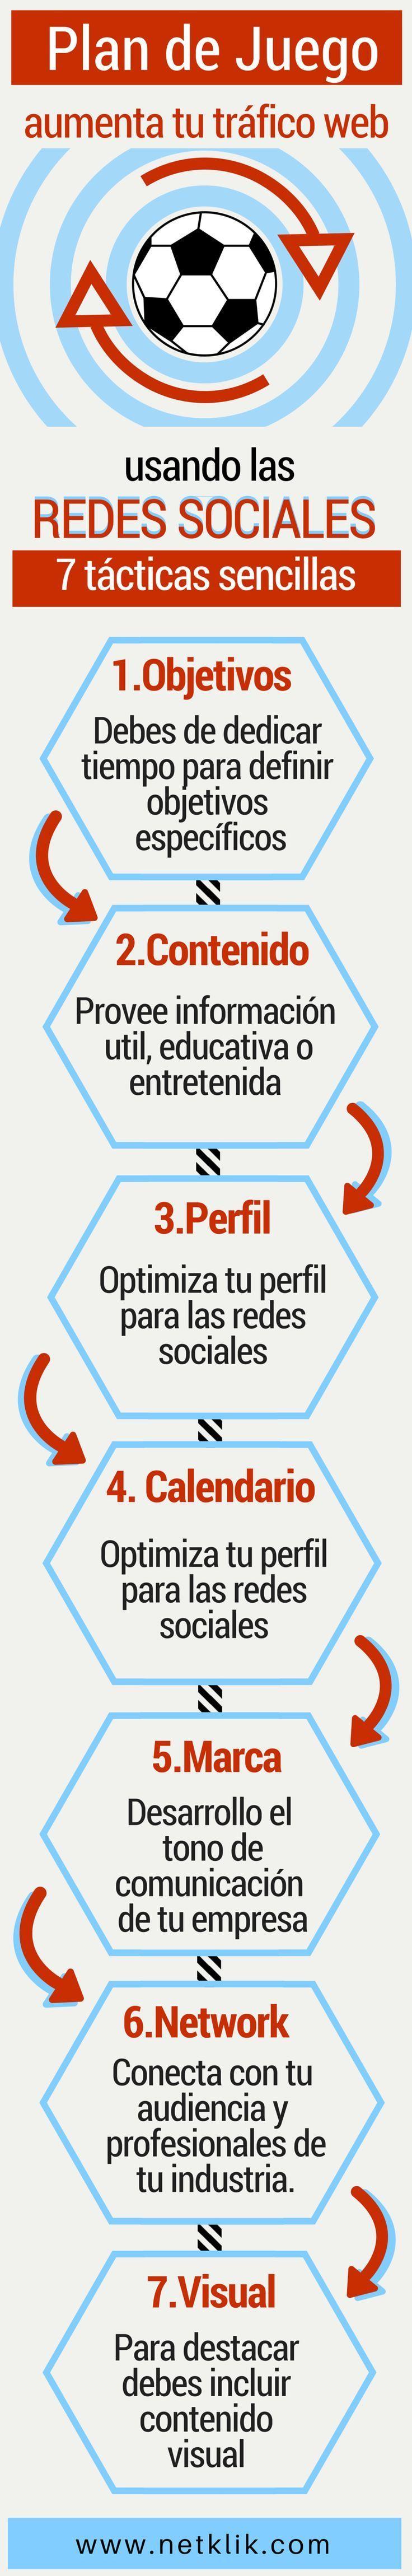 como aumentar el trafico webPon en prctica 7 tcticas sencillas y aprende como aumentar tu trfico web usando las redes sociales de forma inteligente.